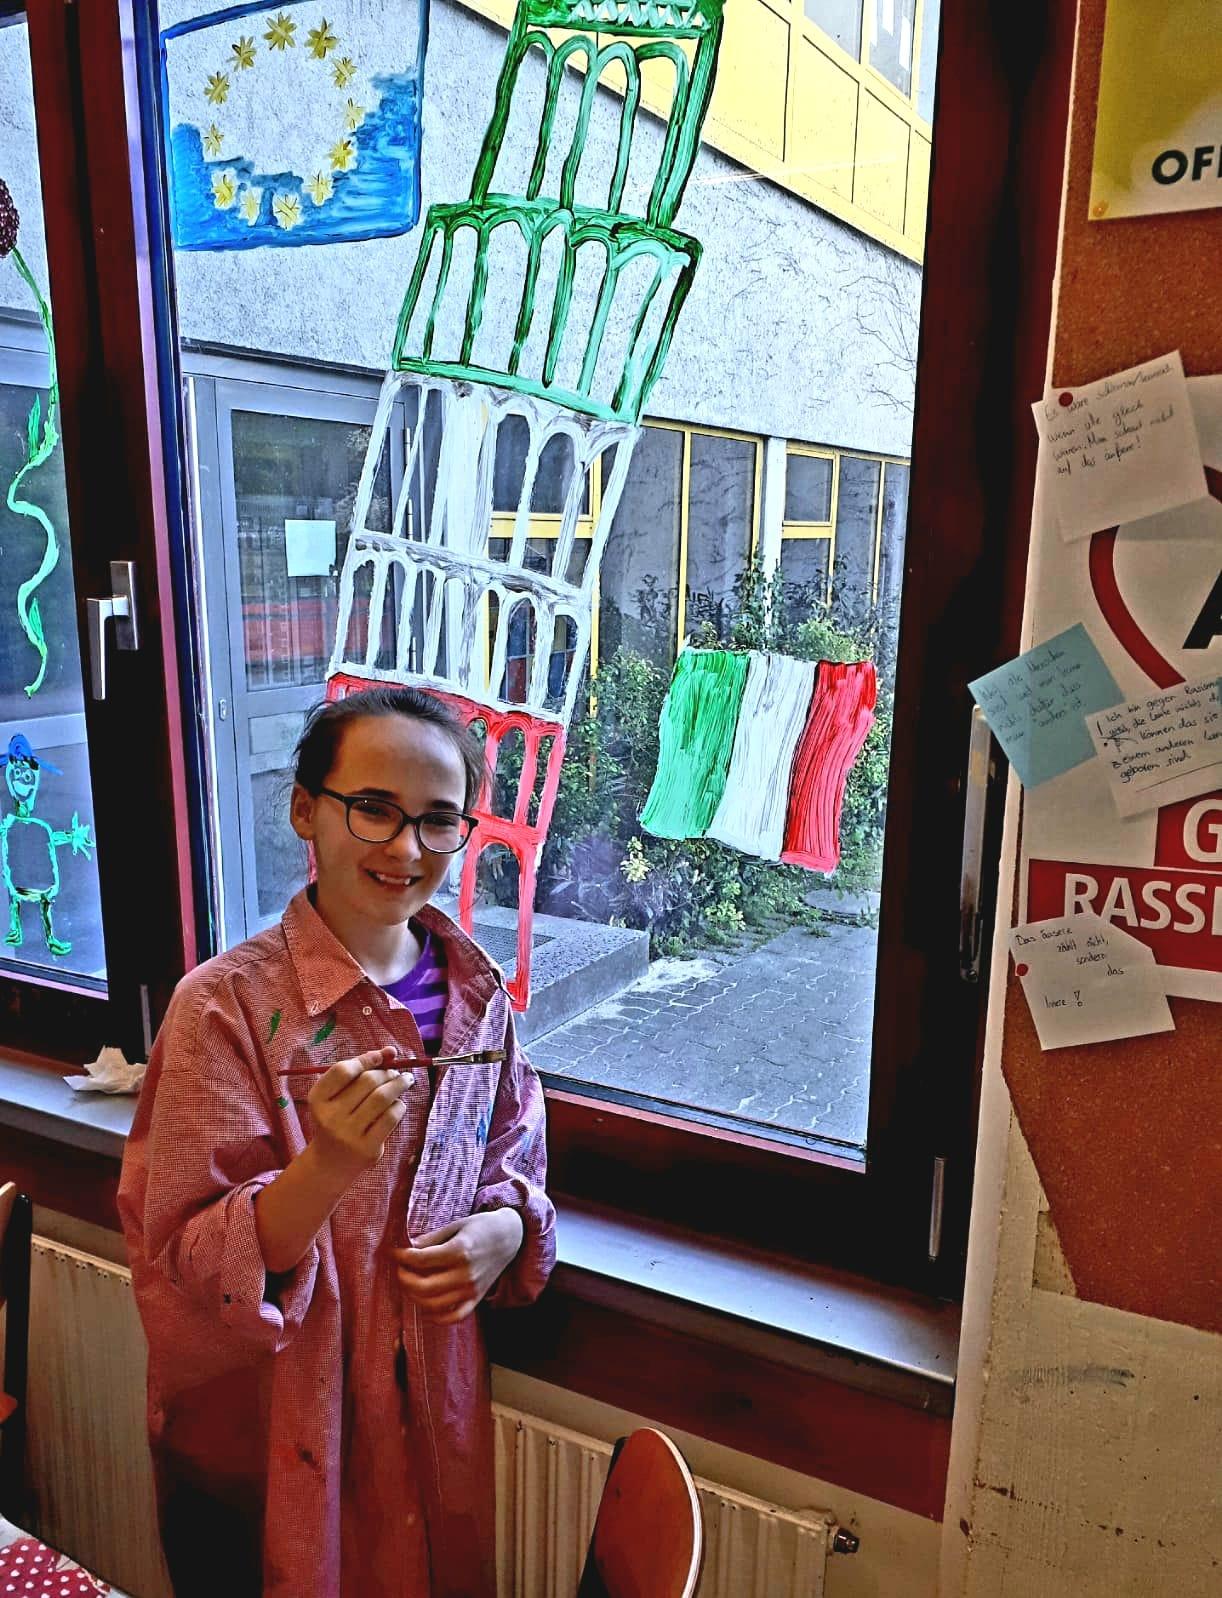 Fensterbemalung unter dem Motto: Mein Herz schlägt europäisch